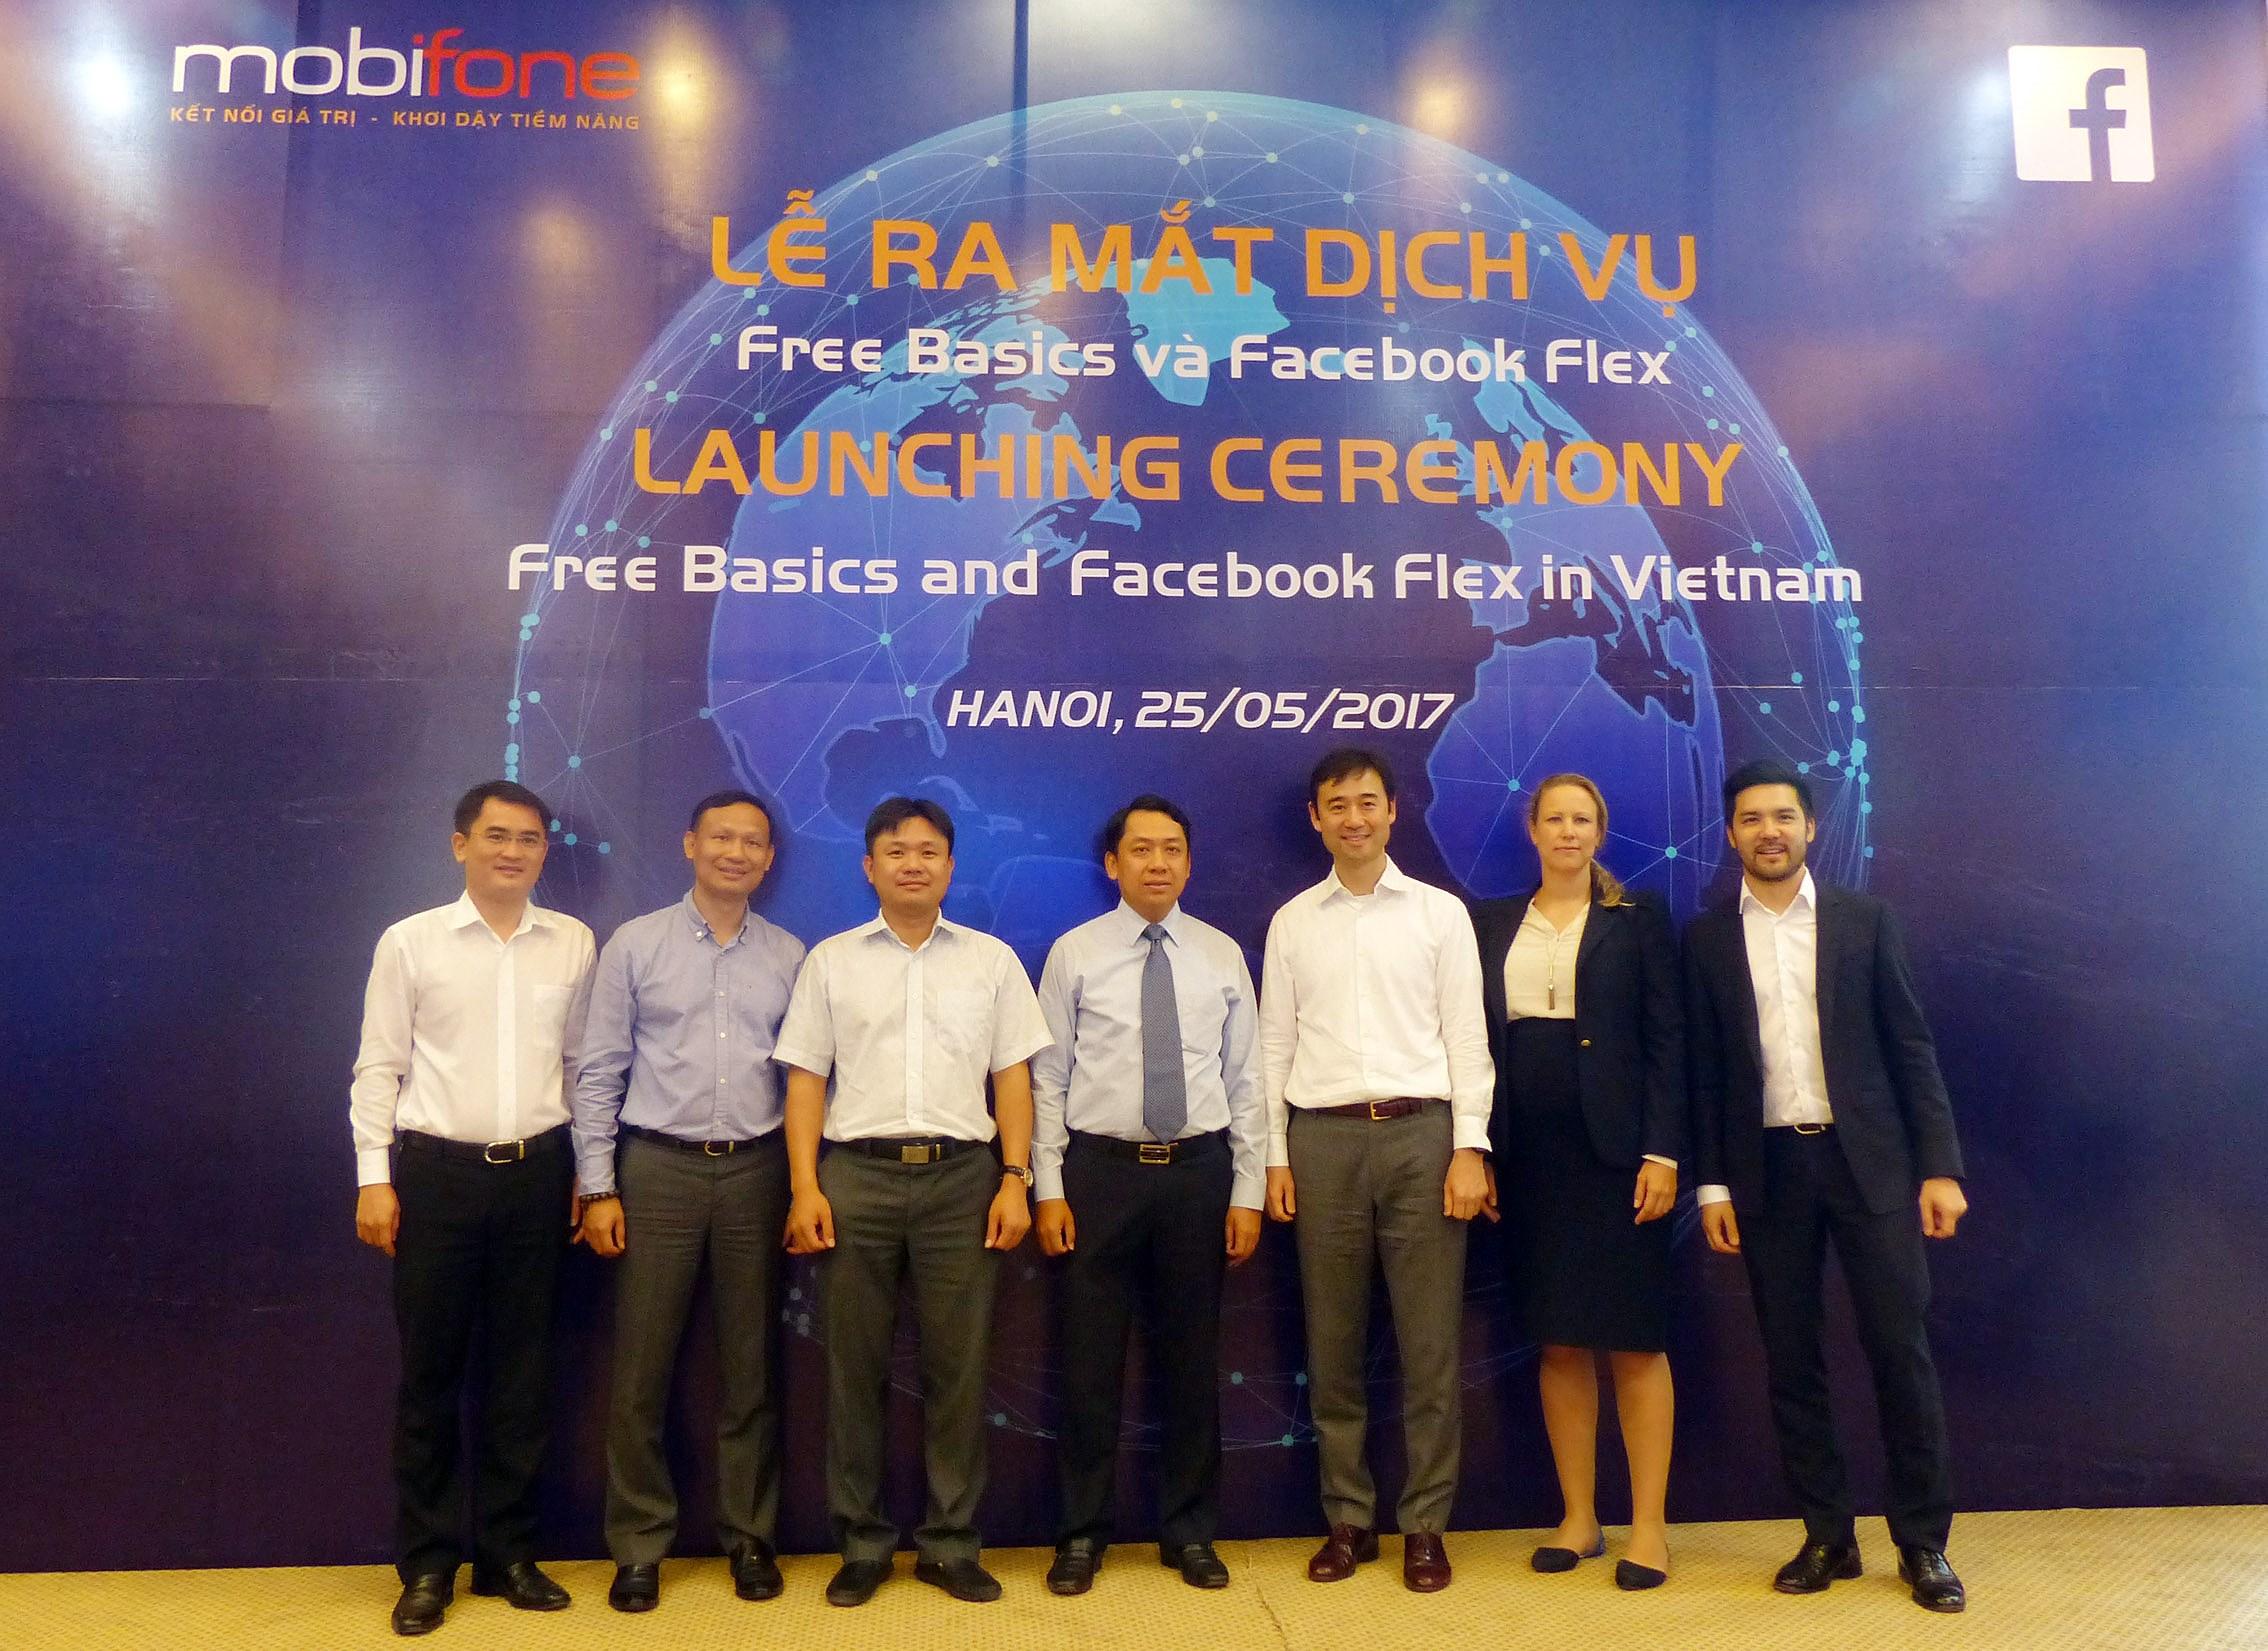 Thông tin mới nhất về dịch vụ Facebook Flex của Mobifone